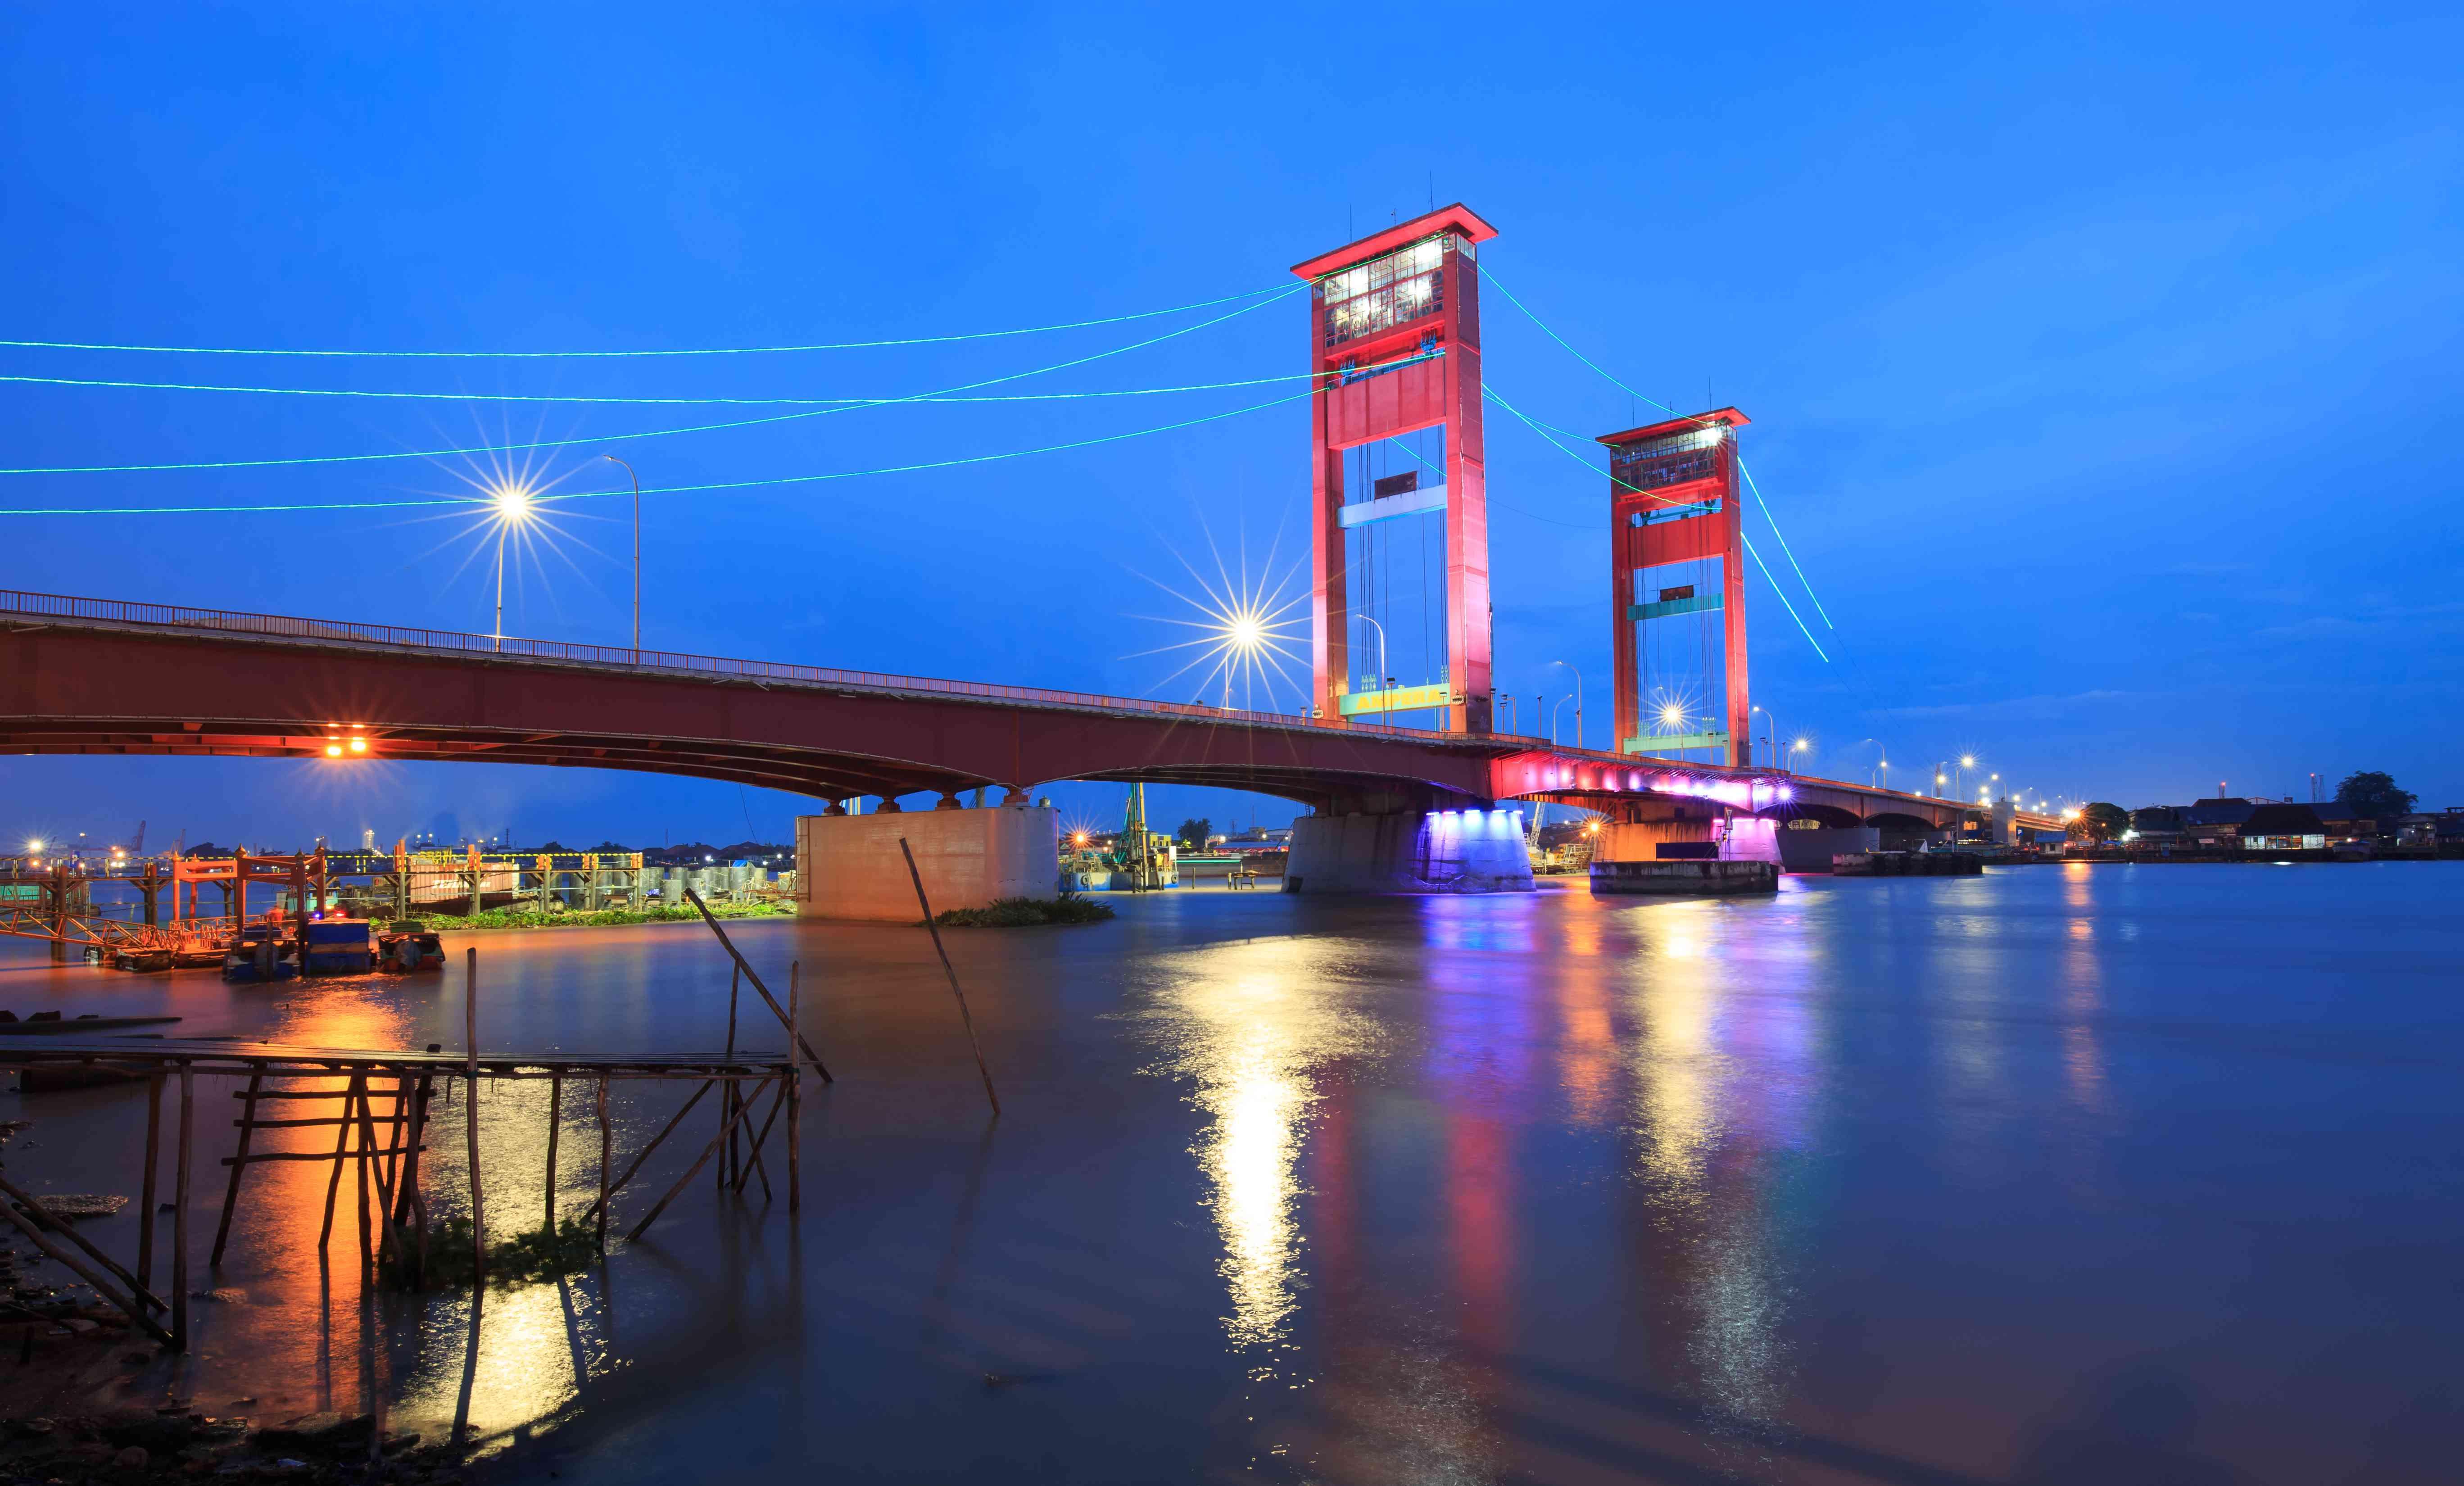 Ampera Bridge in Palembang, South Sumatra, lit up at night